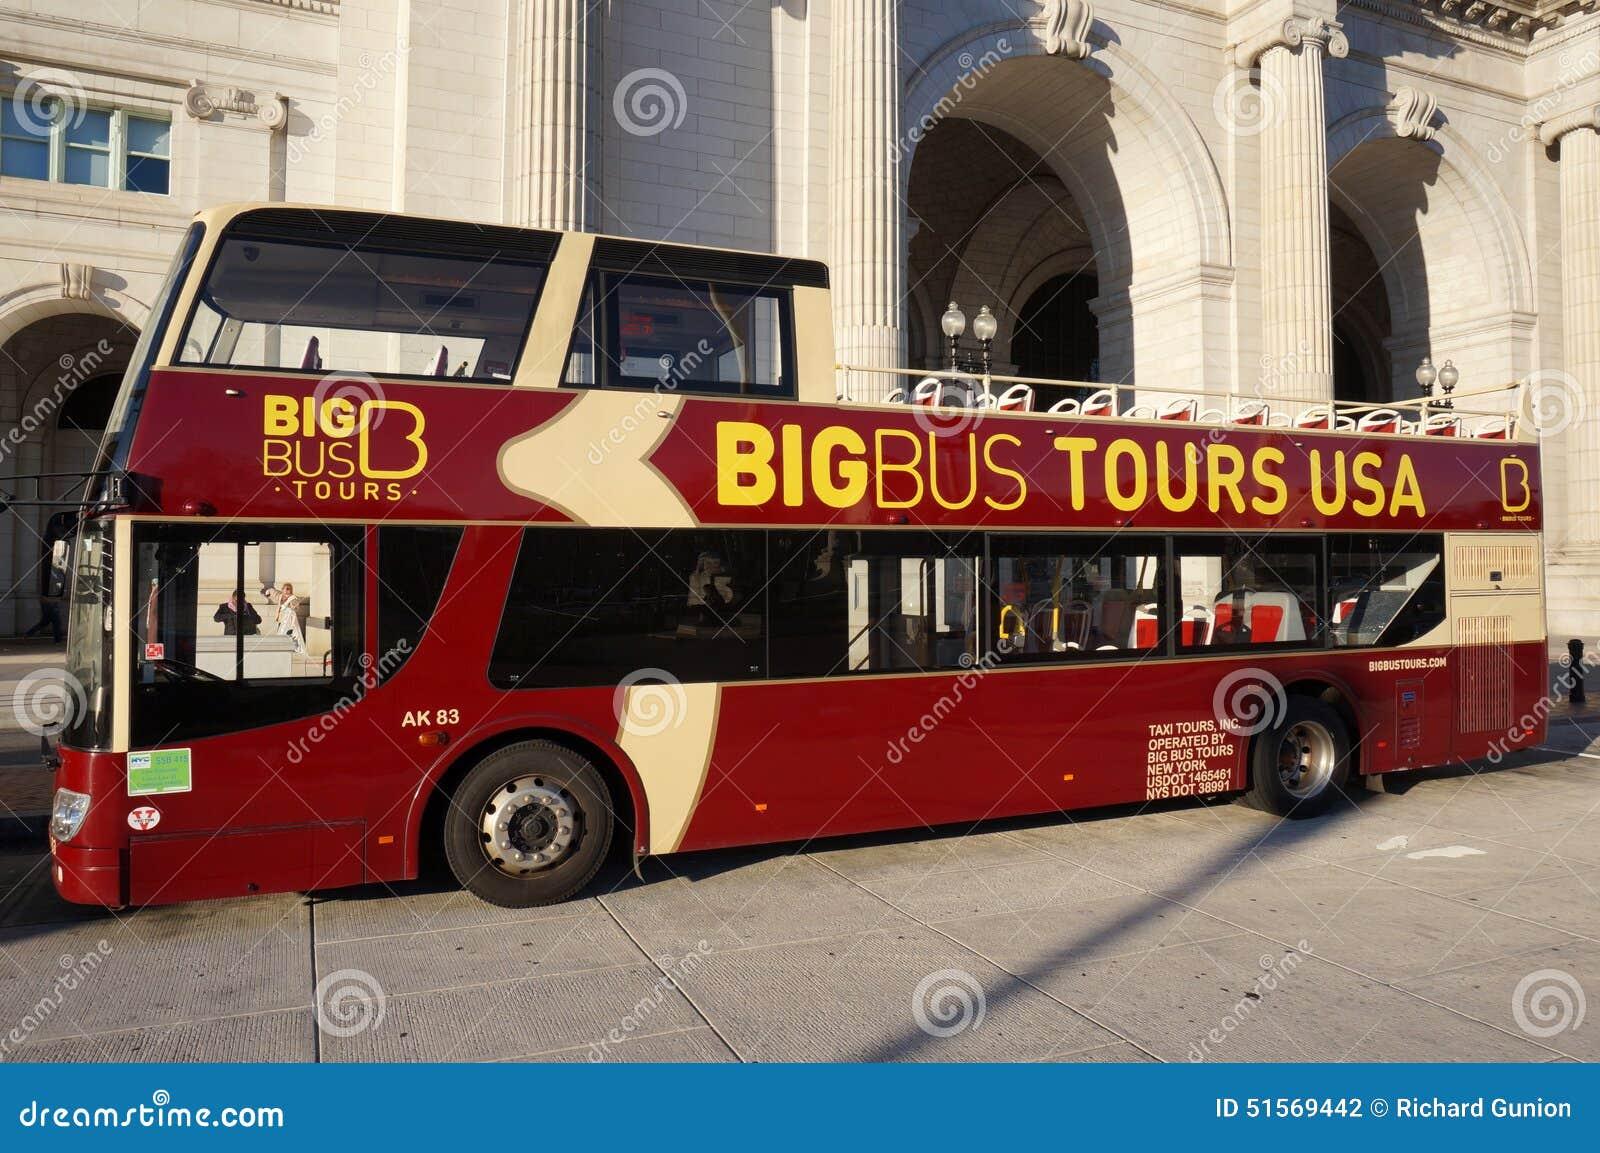 GROUPON BIG RED BUS